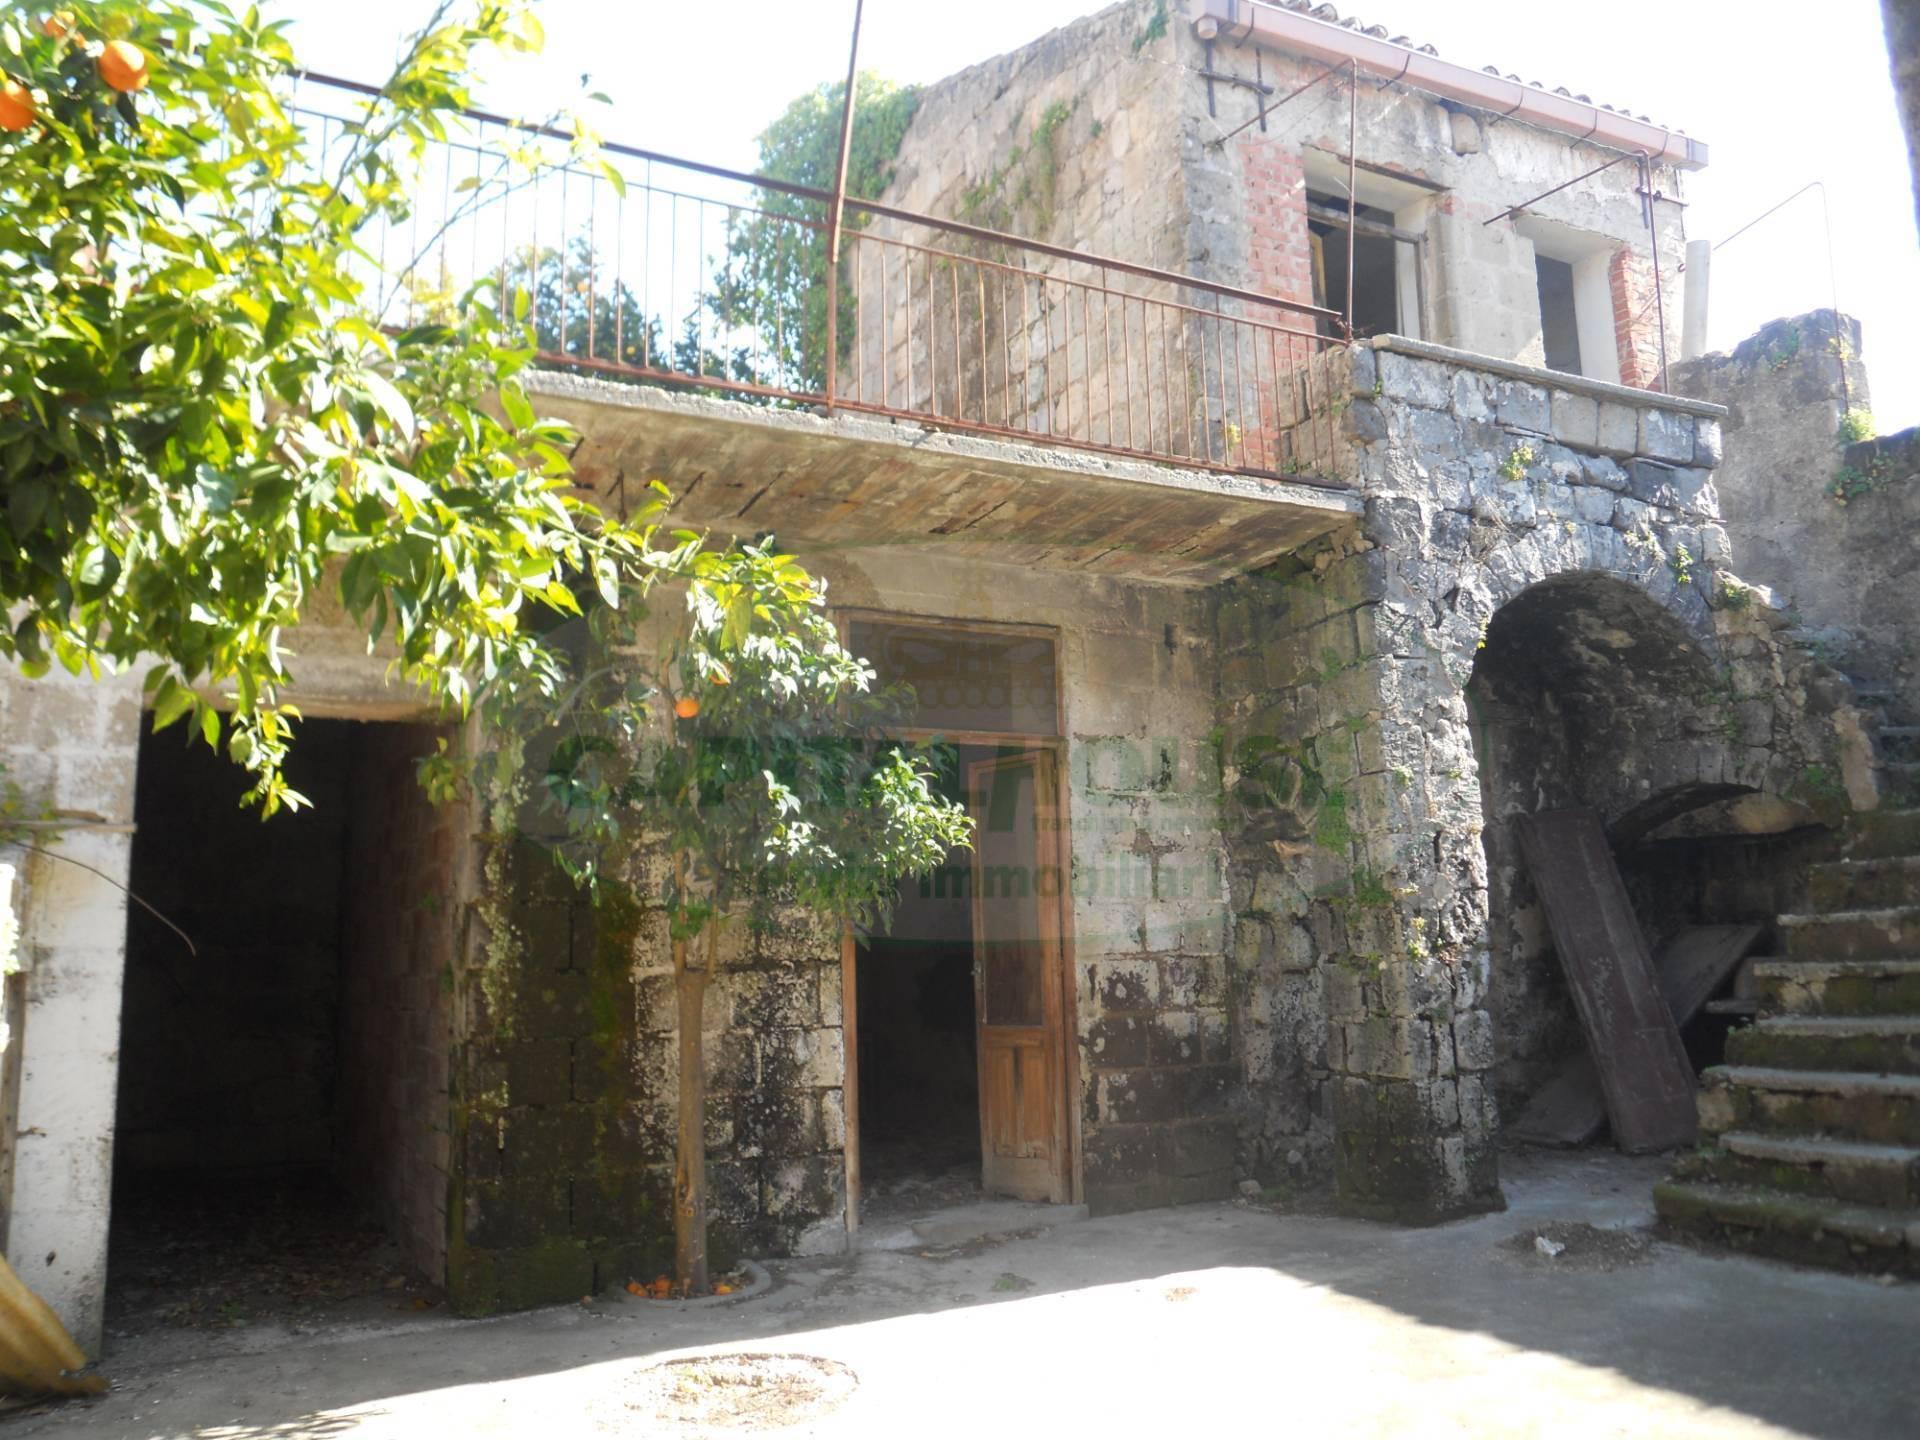 Casa semi-indipendente in vendita a Giano Vetusto (CE)